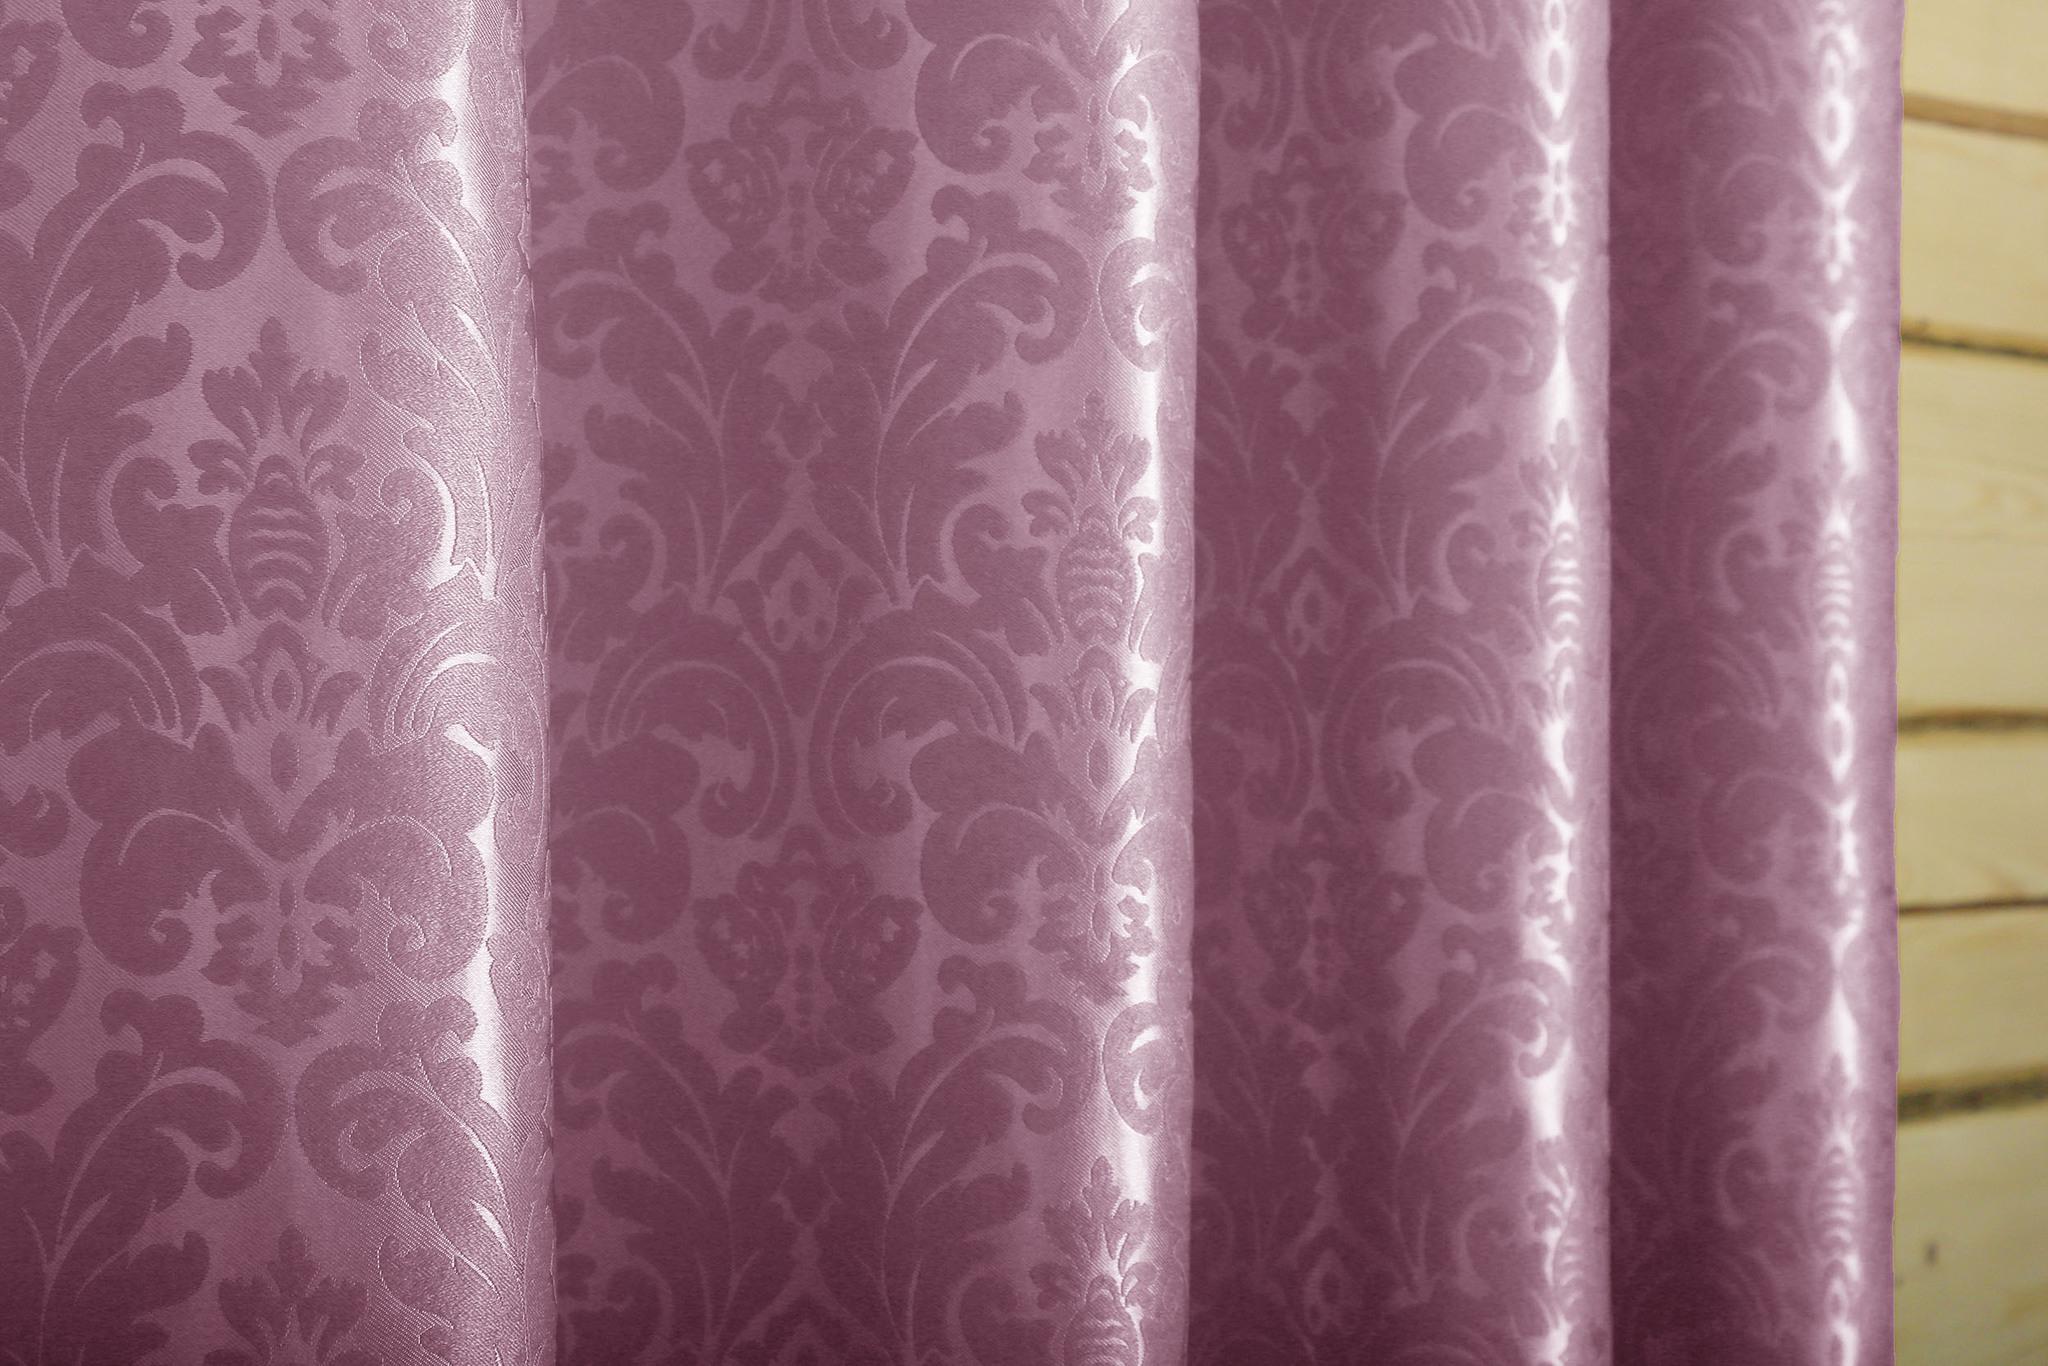 Венеция (сиреневый) .Готовая штора блэкаут жаккард с шинилом в стиле дамаск.